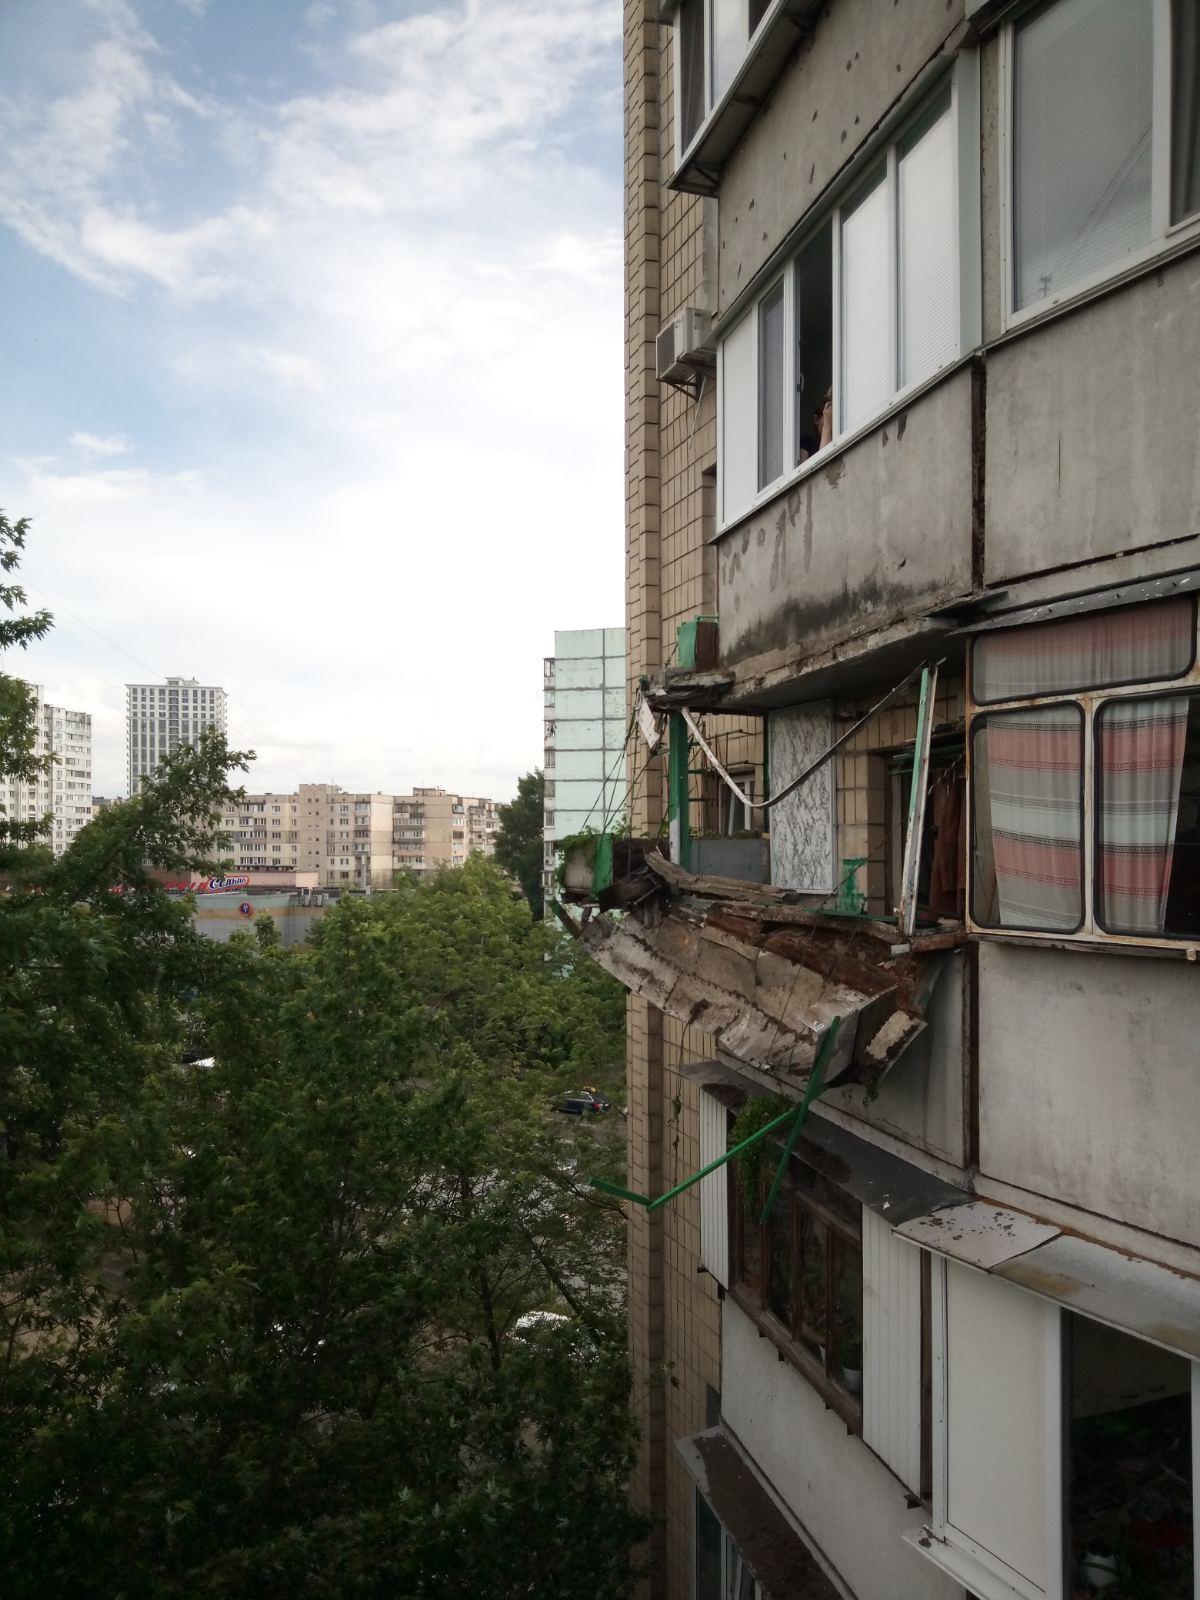 kyivcity.gov.ua